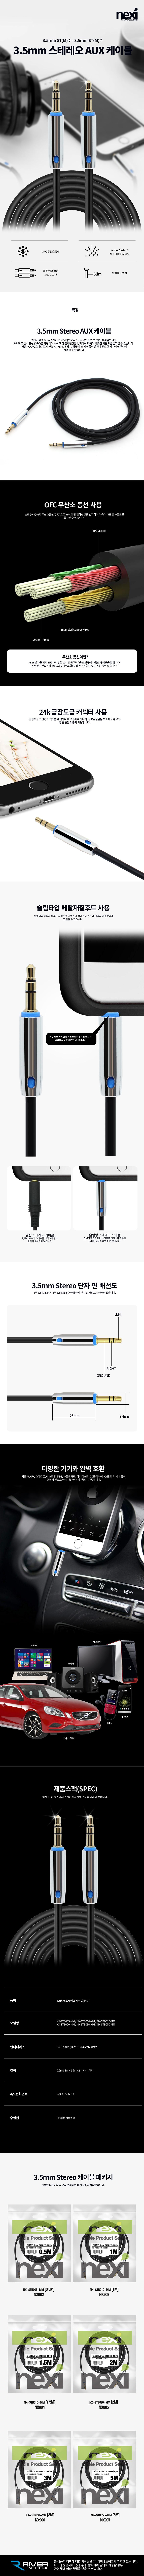 리버네트워크 NEXI 3.5mm 스테레오 AUX 케이블 (NX905, 2m)